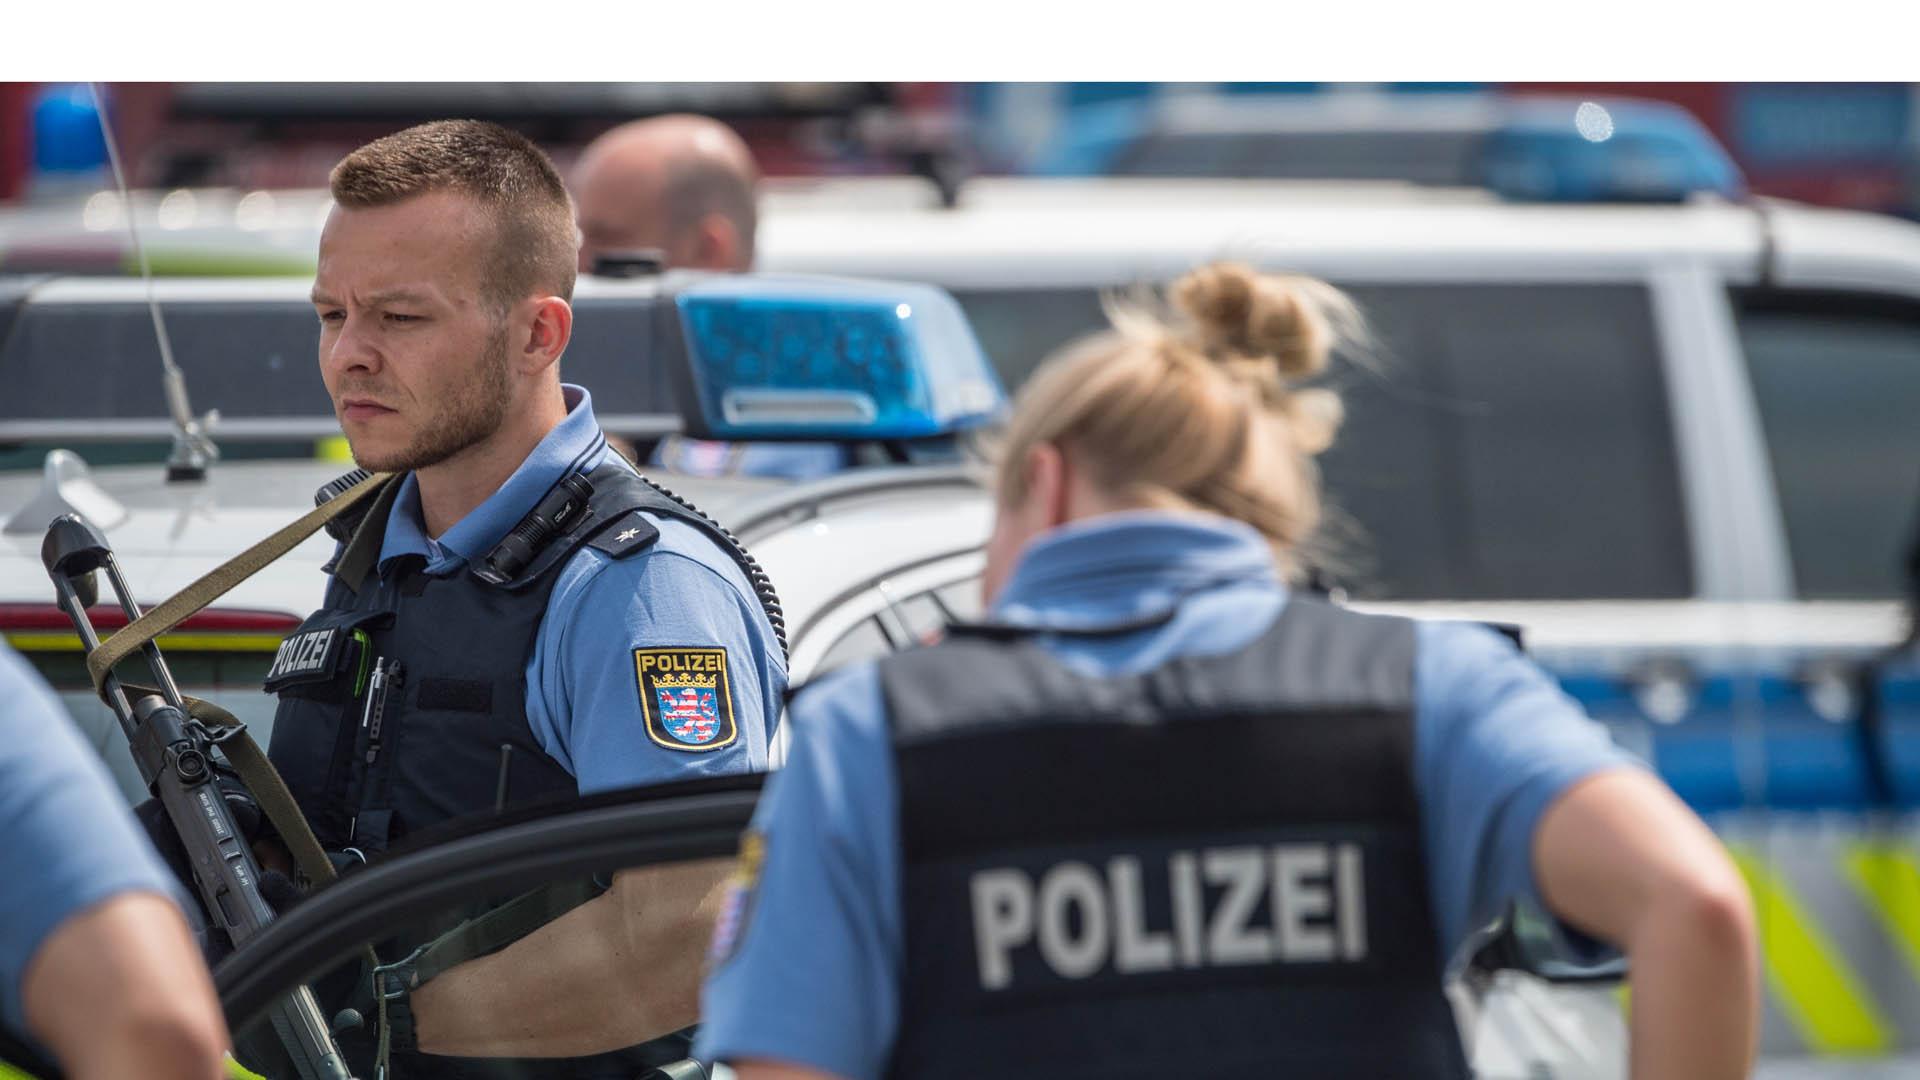 Un hombre perteneciente a un grupo de ultraderecha abrió fuego contra los oficiales durante una incautación de armas